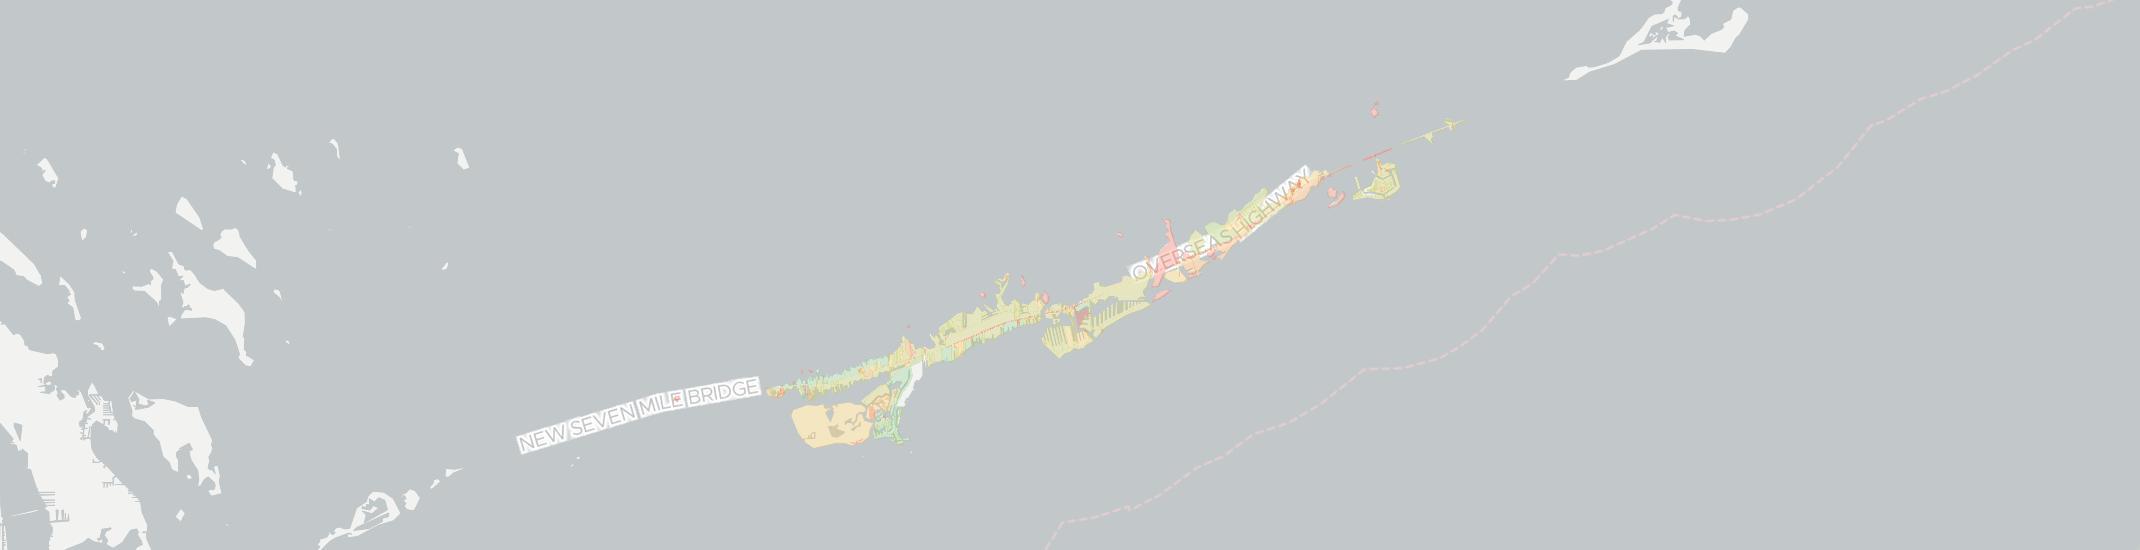 Map Of Marathon Florida.Internet Providers In Marathon Fl Compare 10 Providers